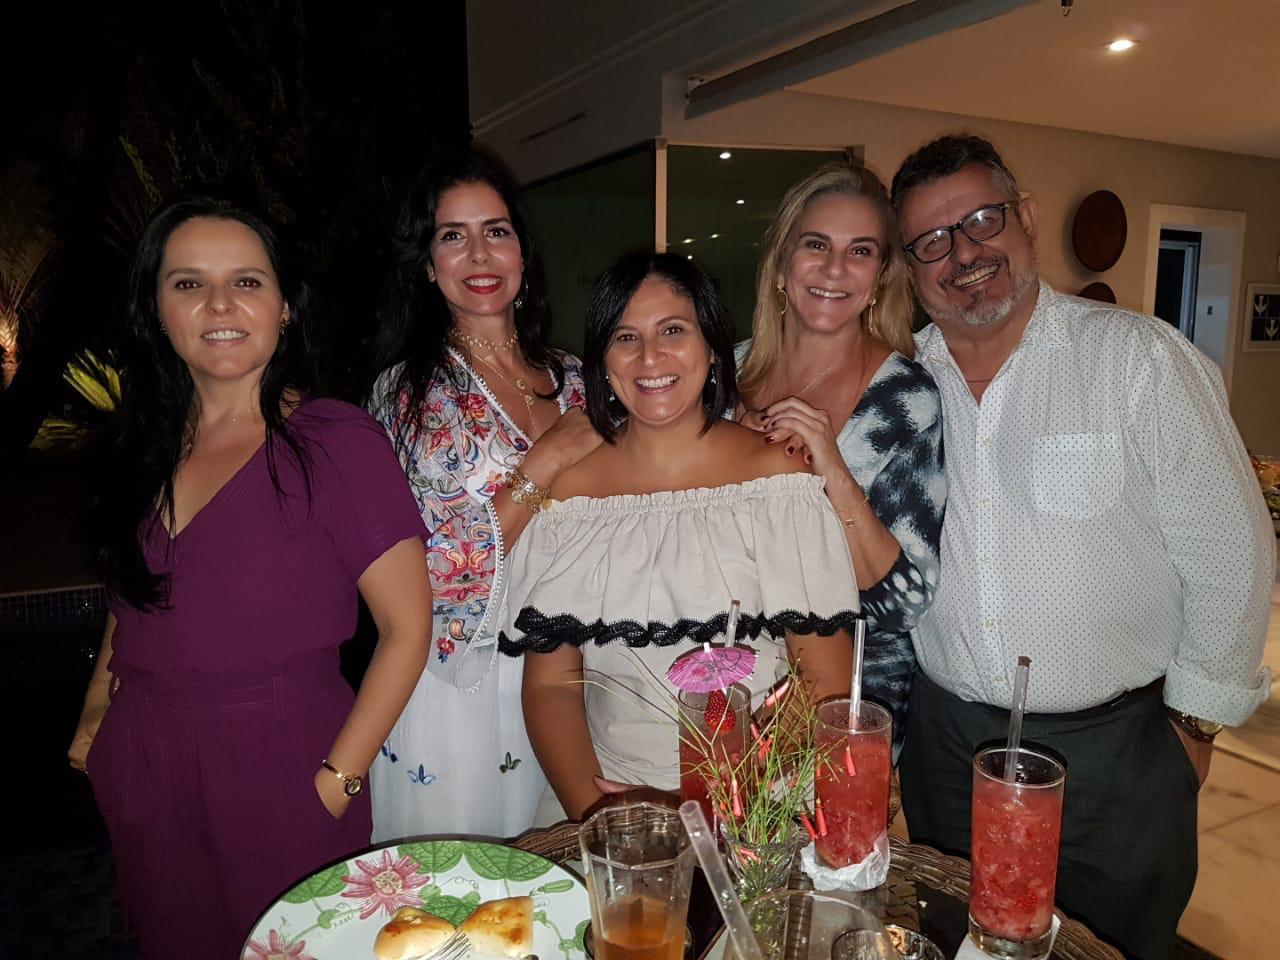 Hanaray, Sônia Gontijo, Cléa Corrêa, Marreco e Patrícia